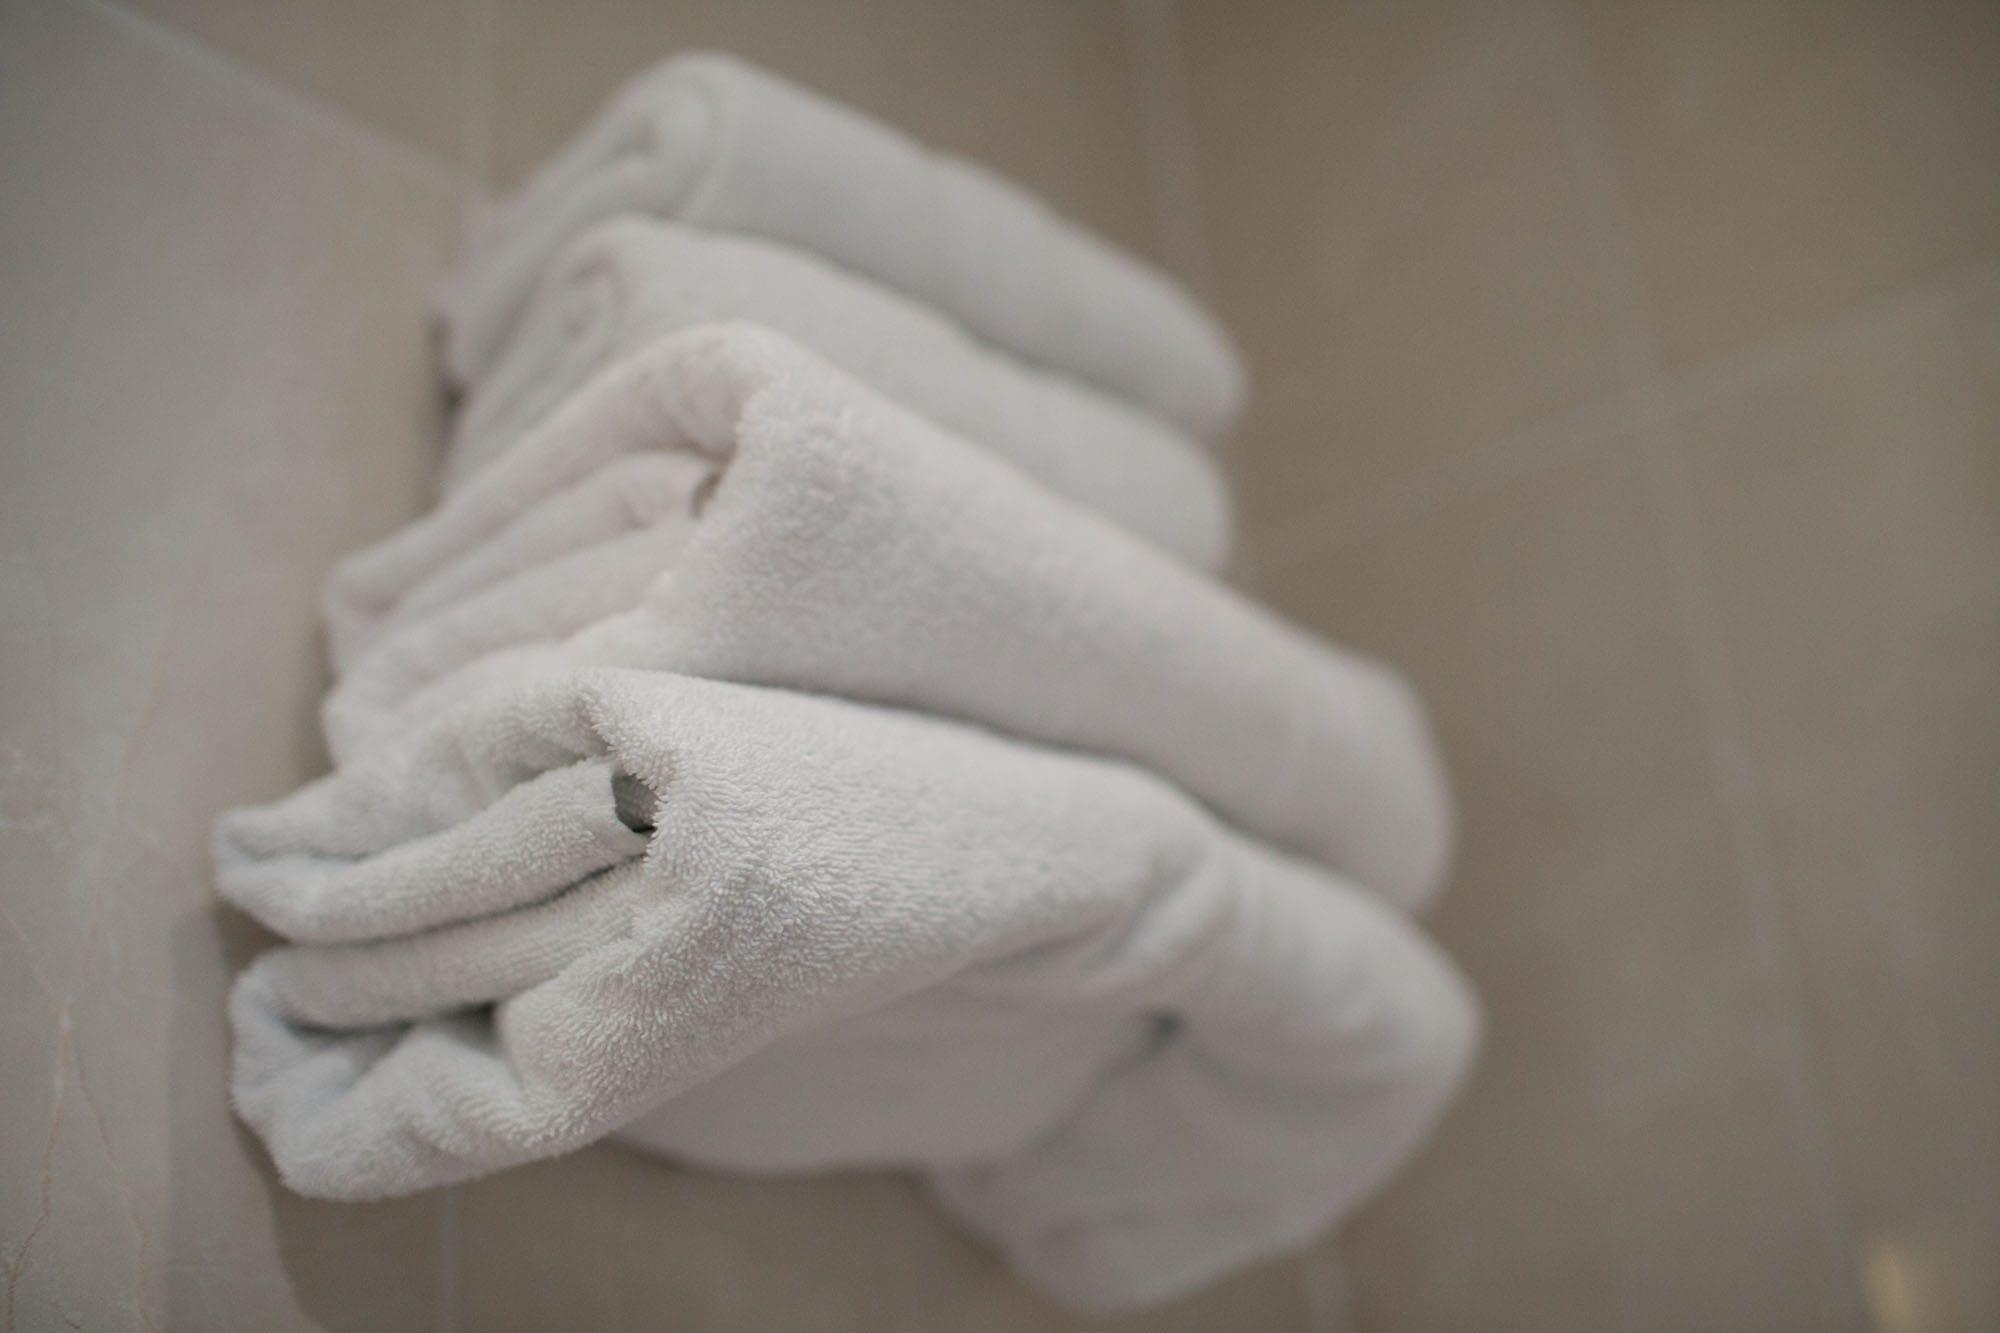 Towels in my Paris hotel room.